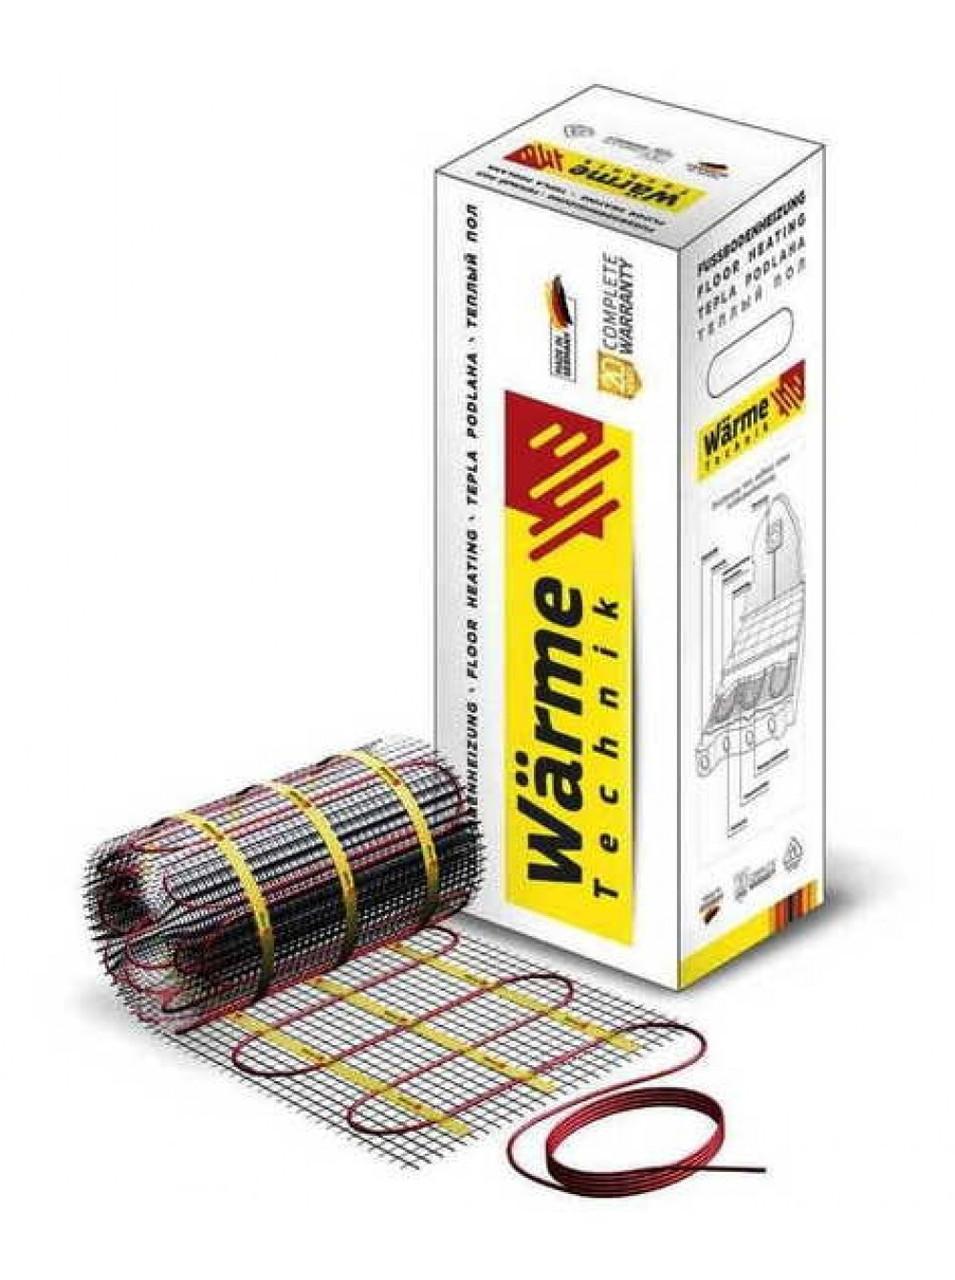 Нагревательный мат Wärme Twin mat   8.0 м²  1200 W